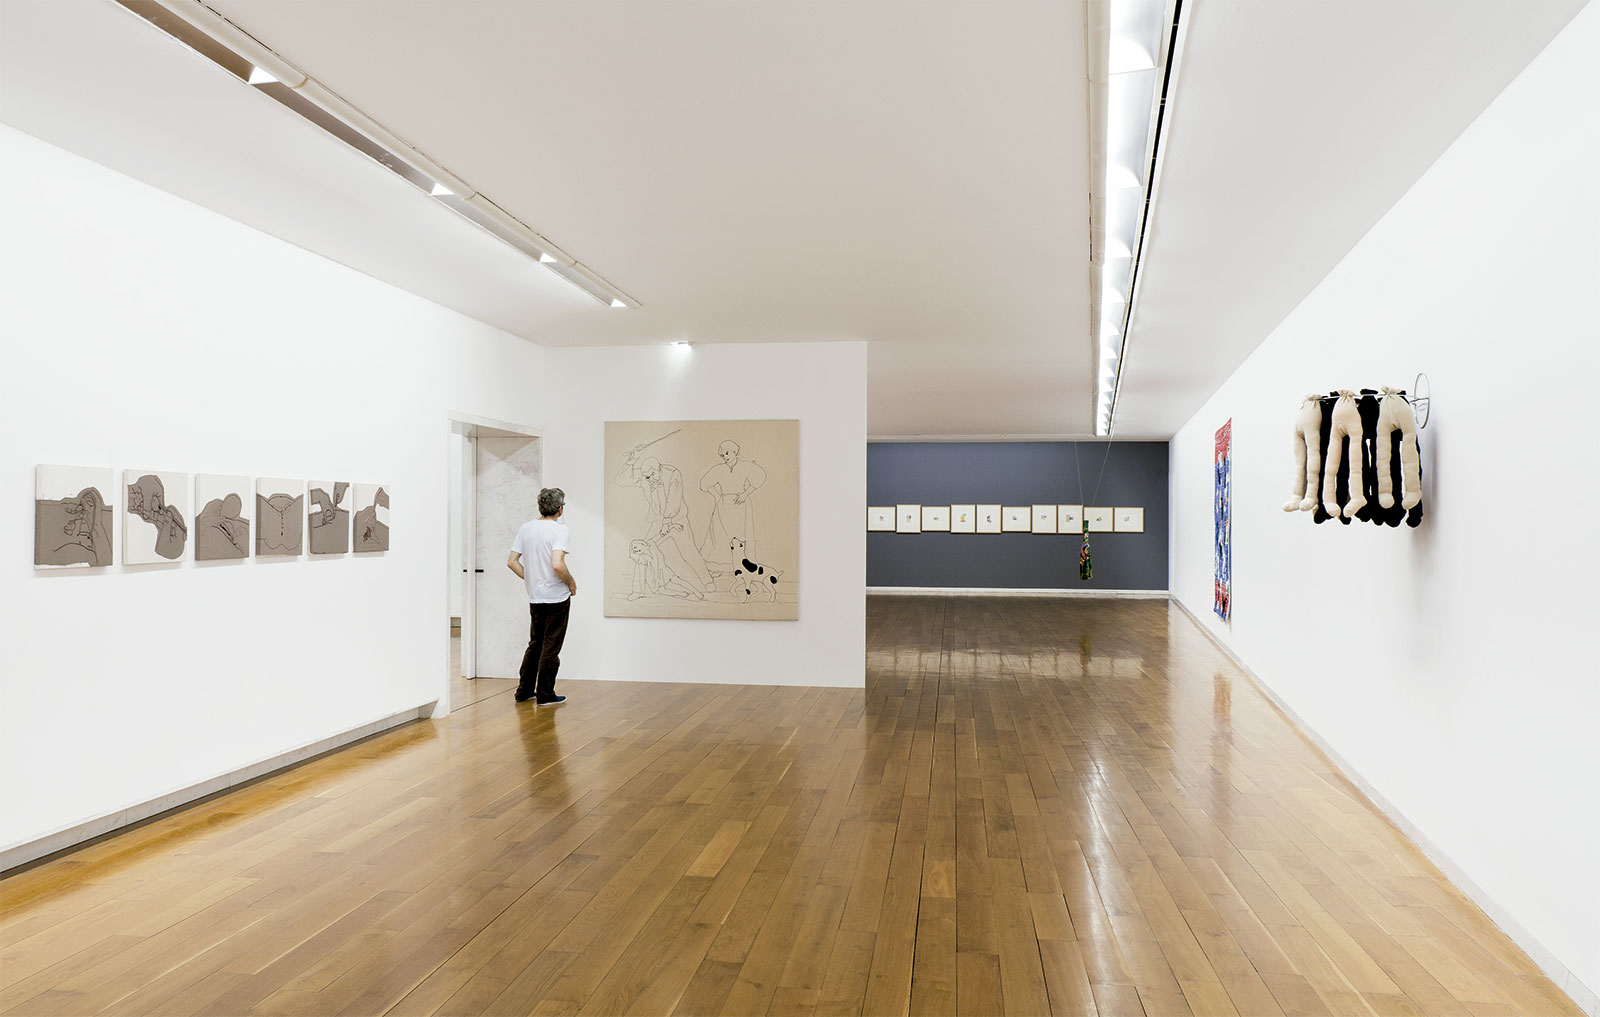 Vista da exposición Chelo Matesanz. As miñas cousas en observación, CGAC, Santiago de Compostela,2014. <small>Fotografía Mark Ritchie</small>